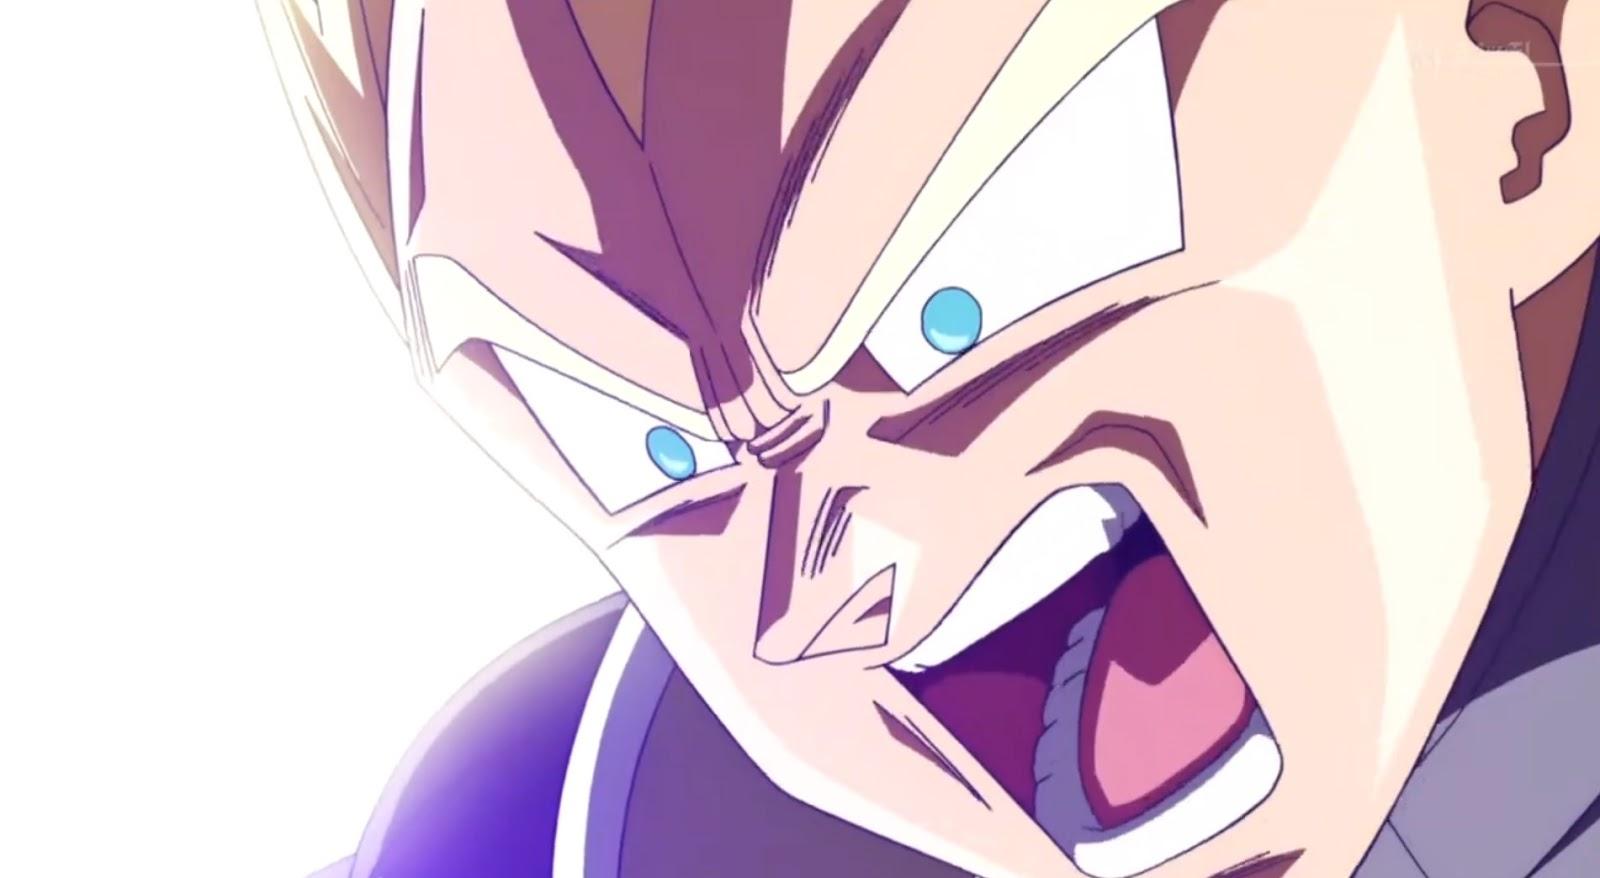 Dragon Ball Super Dublado Episódio 36, Assistir Dragon Ball Super Dublado Episódio 36, Dragon Ball Super Dublado , Dragon Ball Super Dublado - Episódio 36,